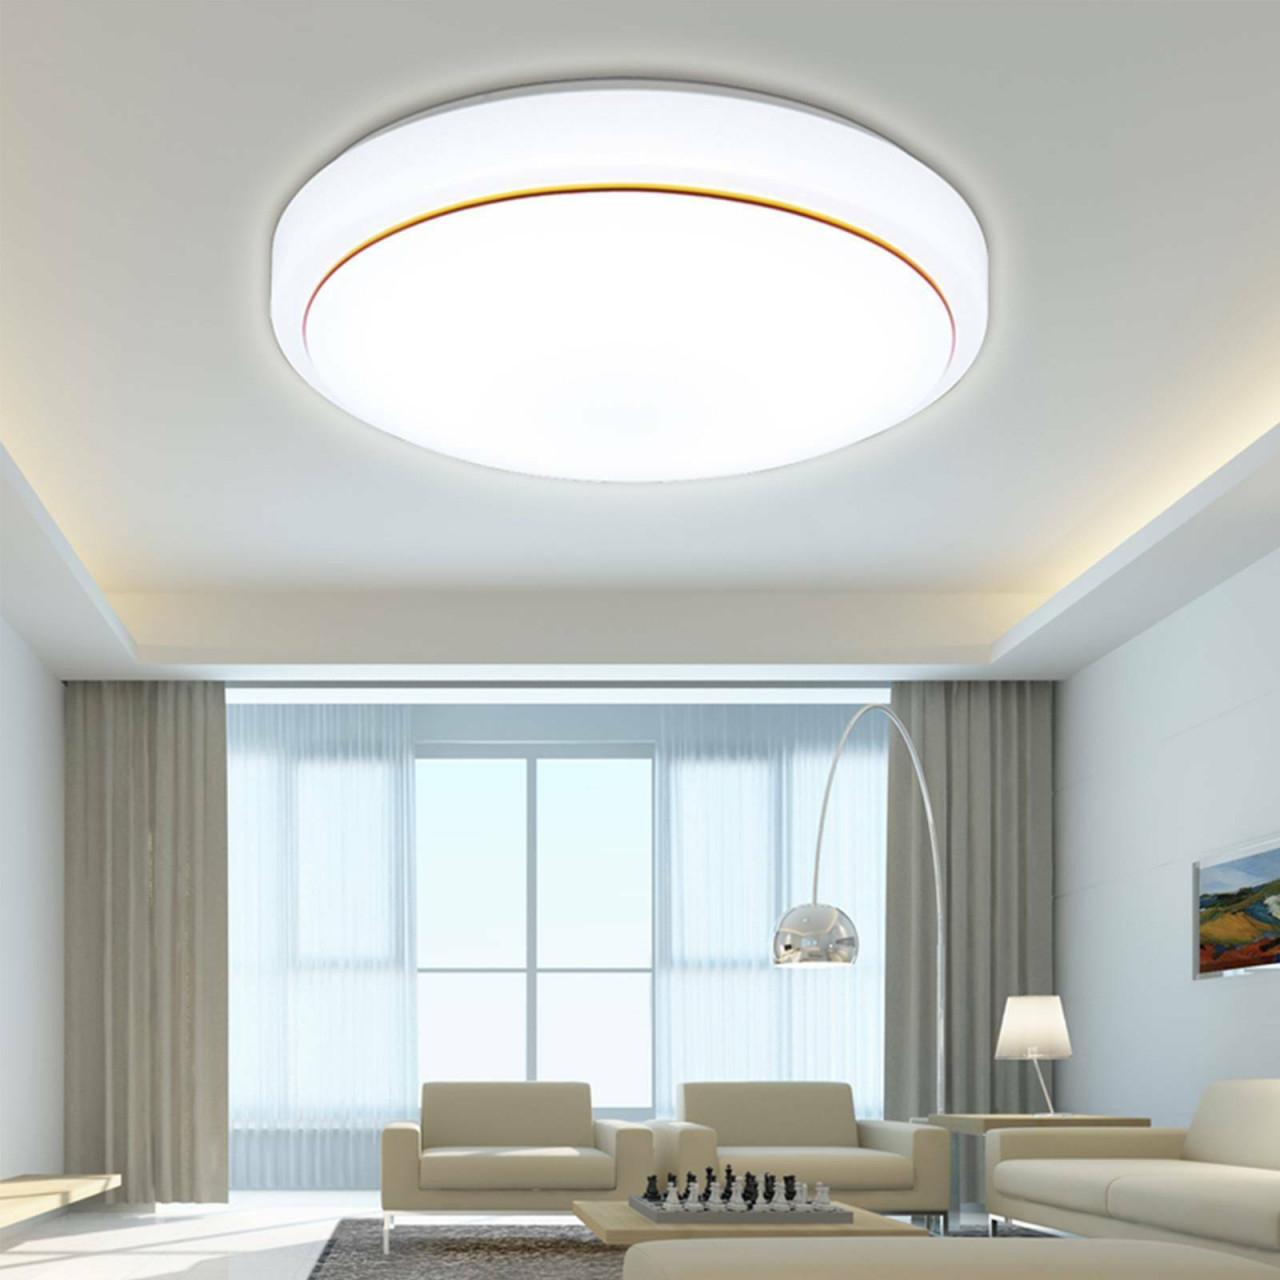 36W Led Deckenlampe Deckenleuchte Wohnzimmer Küchen Lampe Küche 40Cm Runde  Licht von Deckenleuchte Led Wohnzimmer Photo